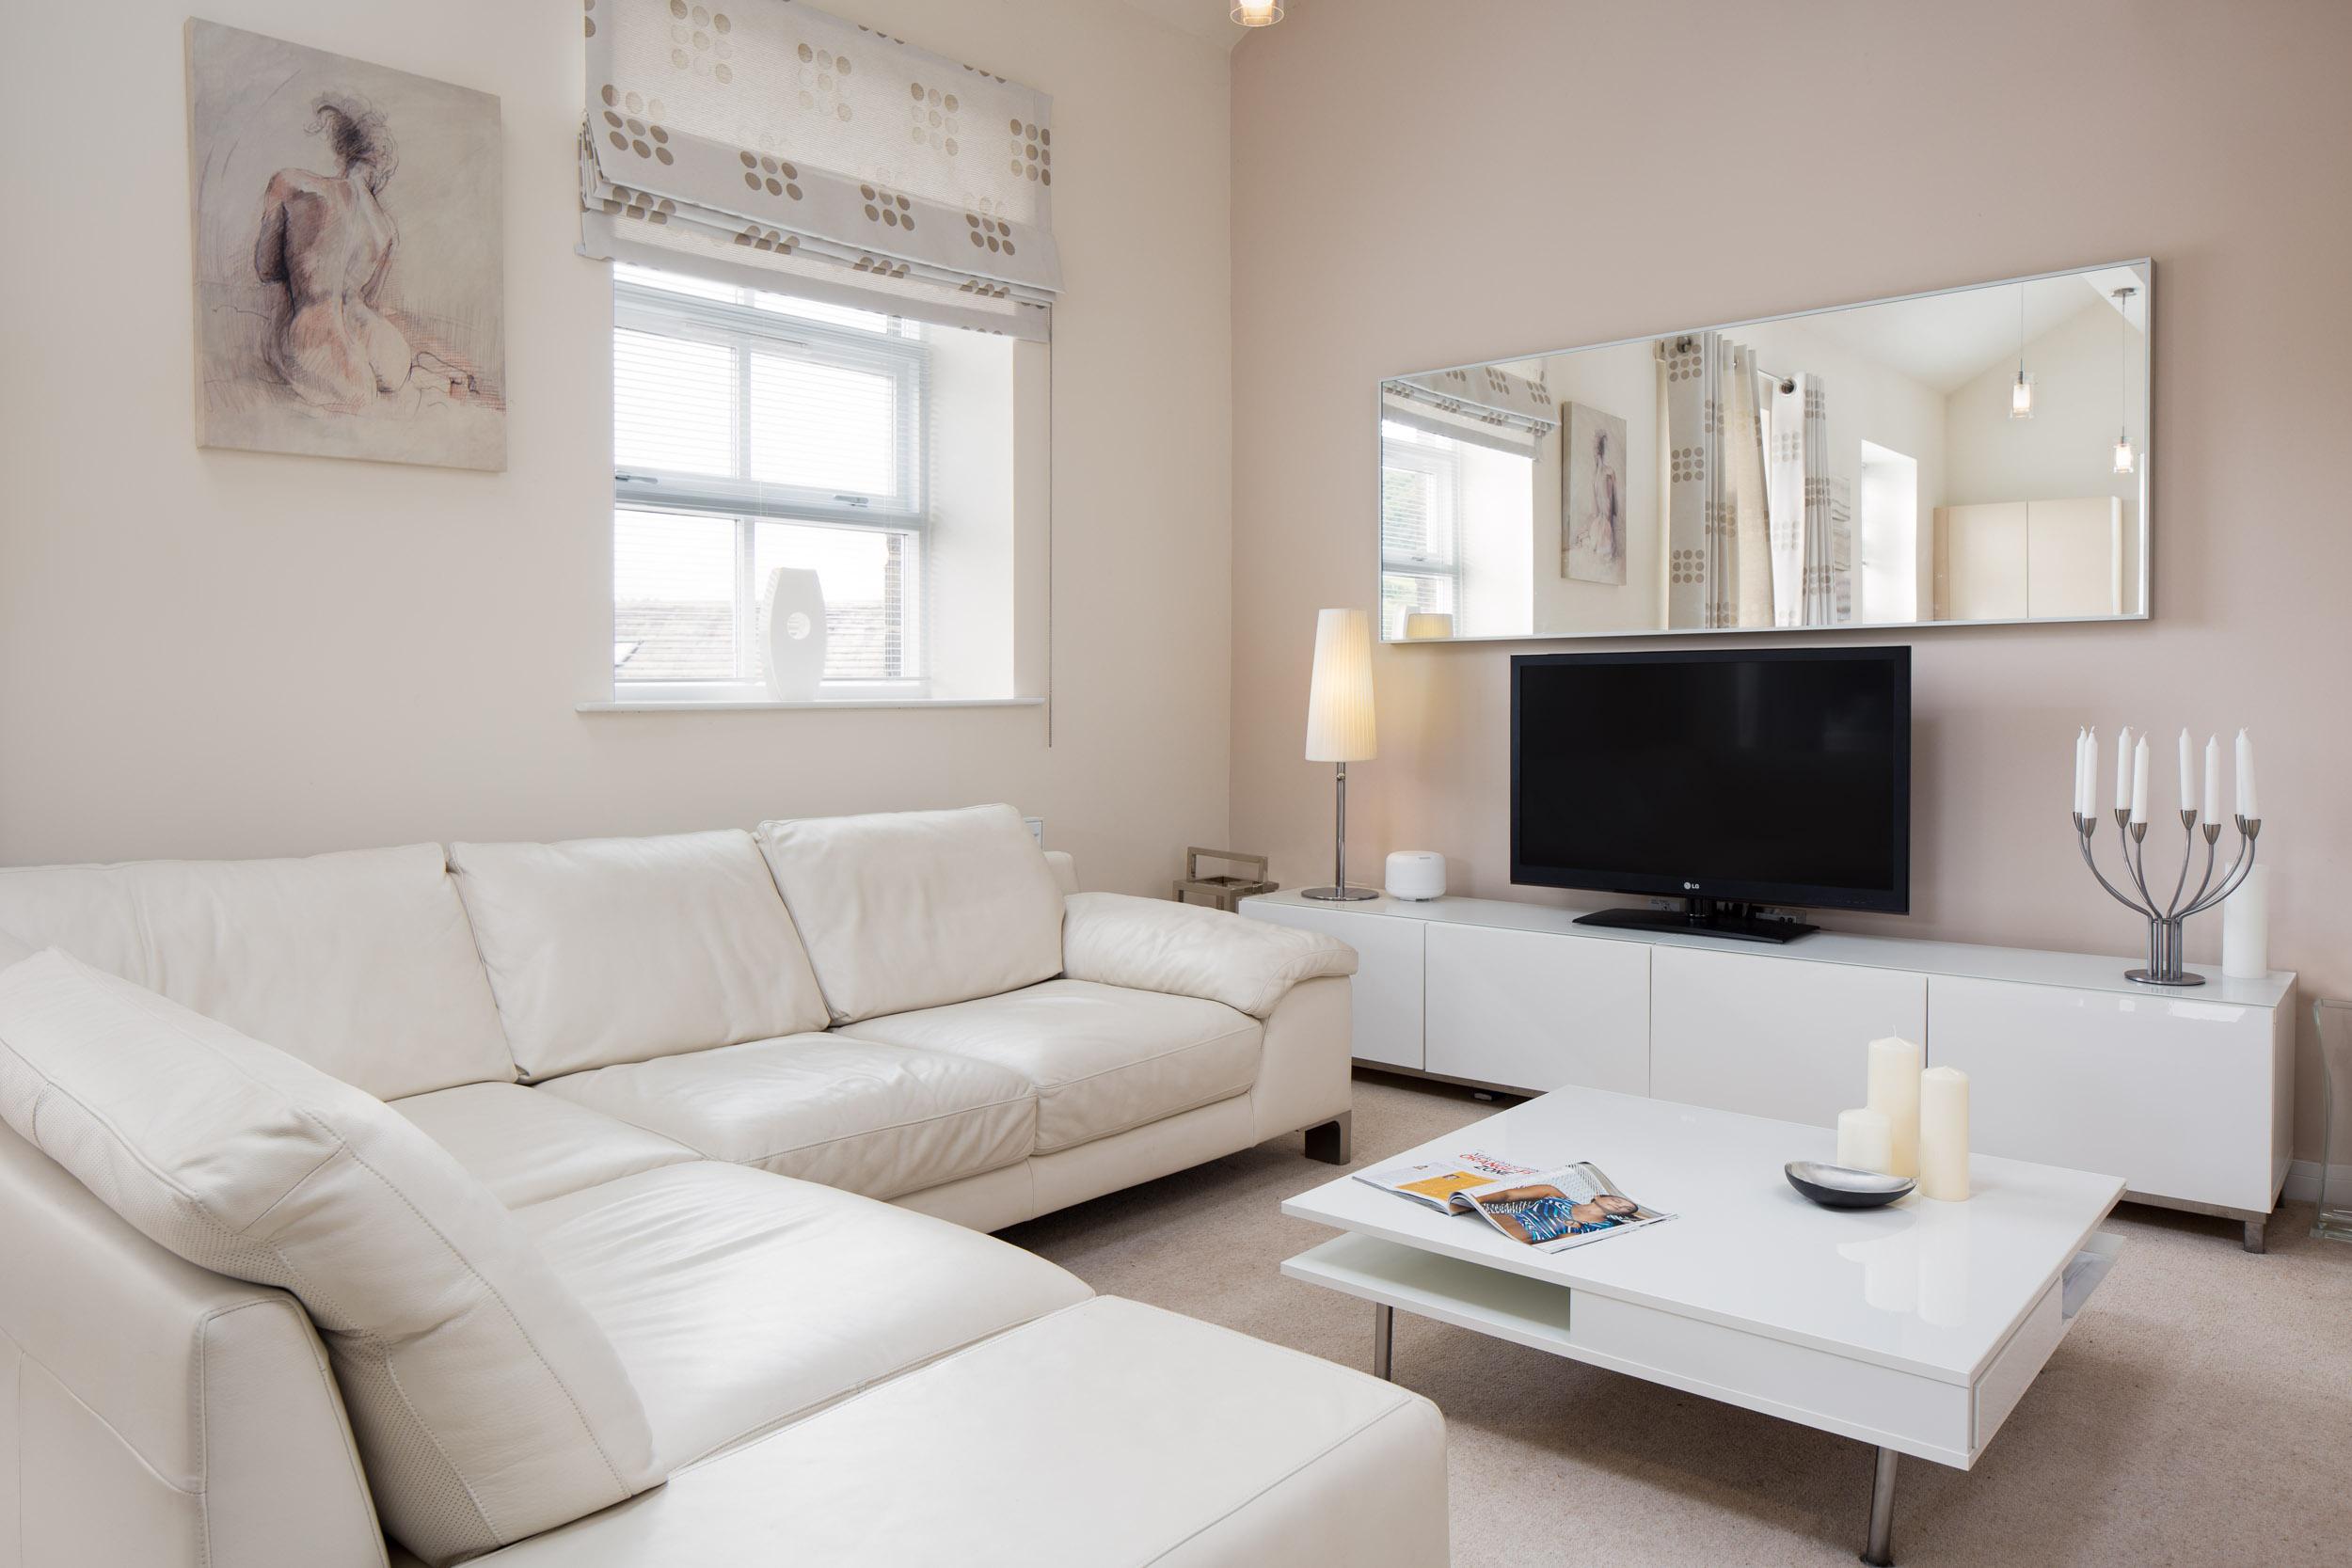 crawshaw flat lounge interior.jpg